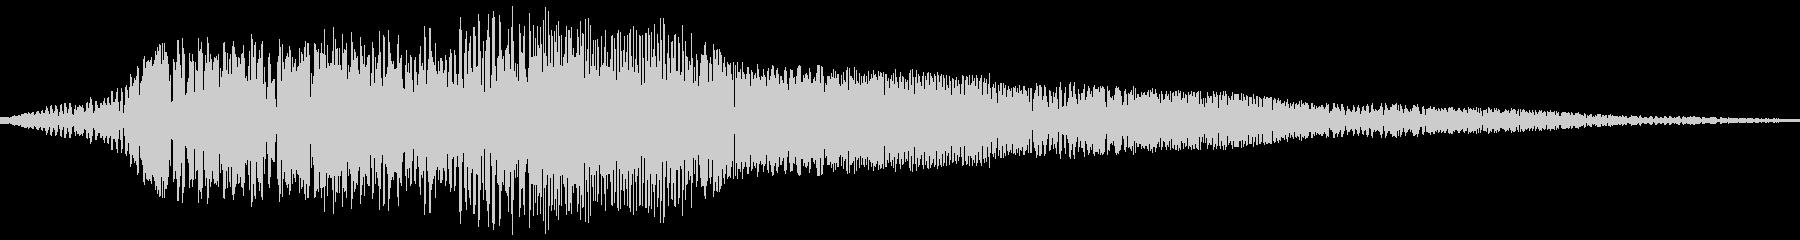 AMGアナログFX 8の未再生の波形